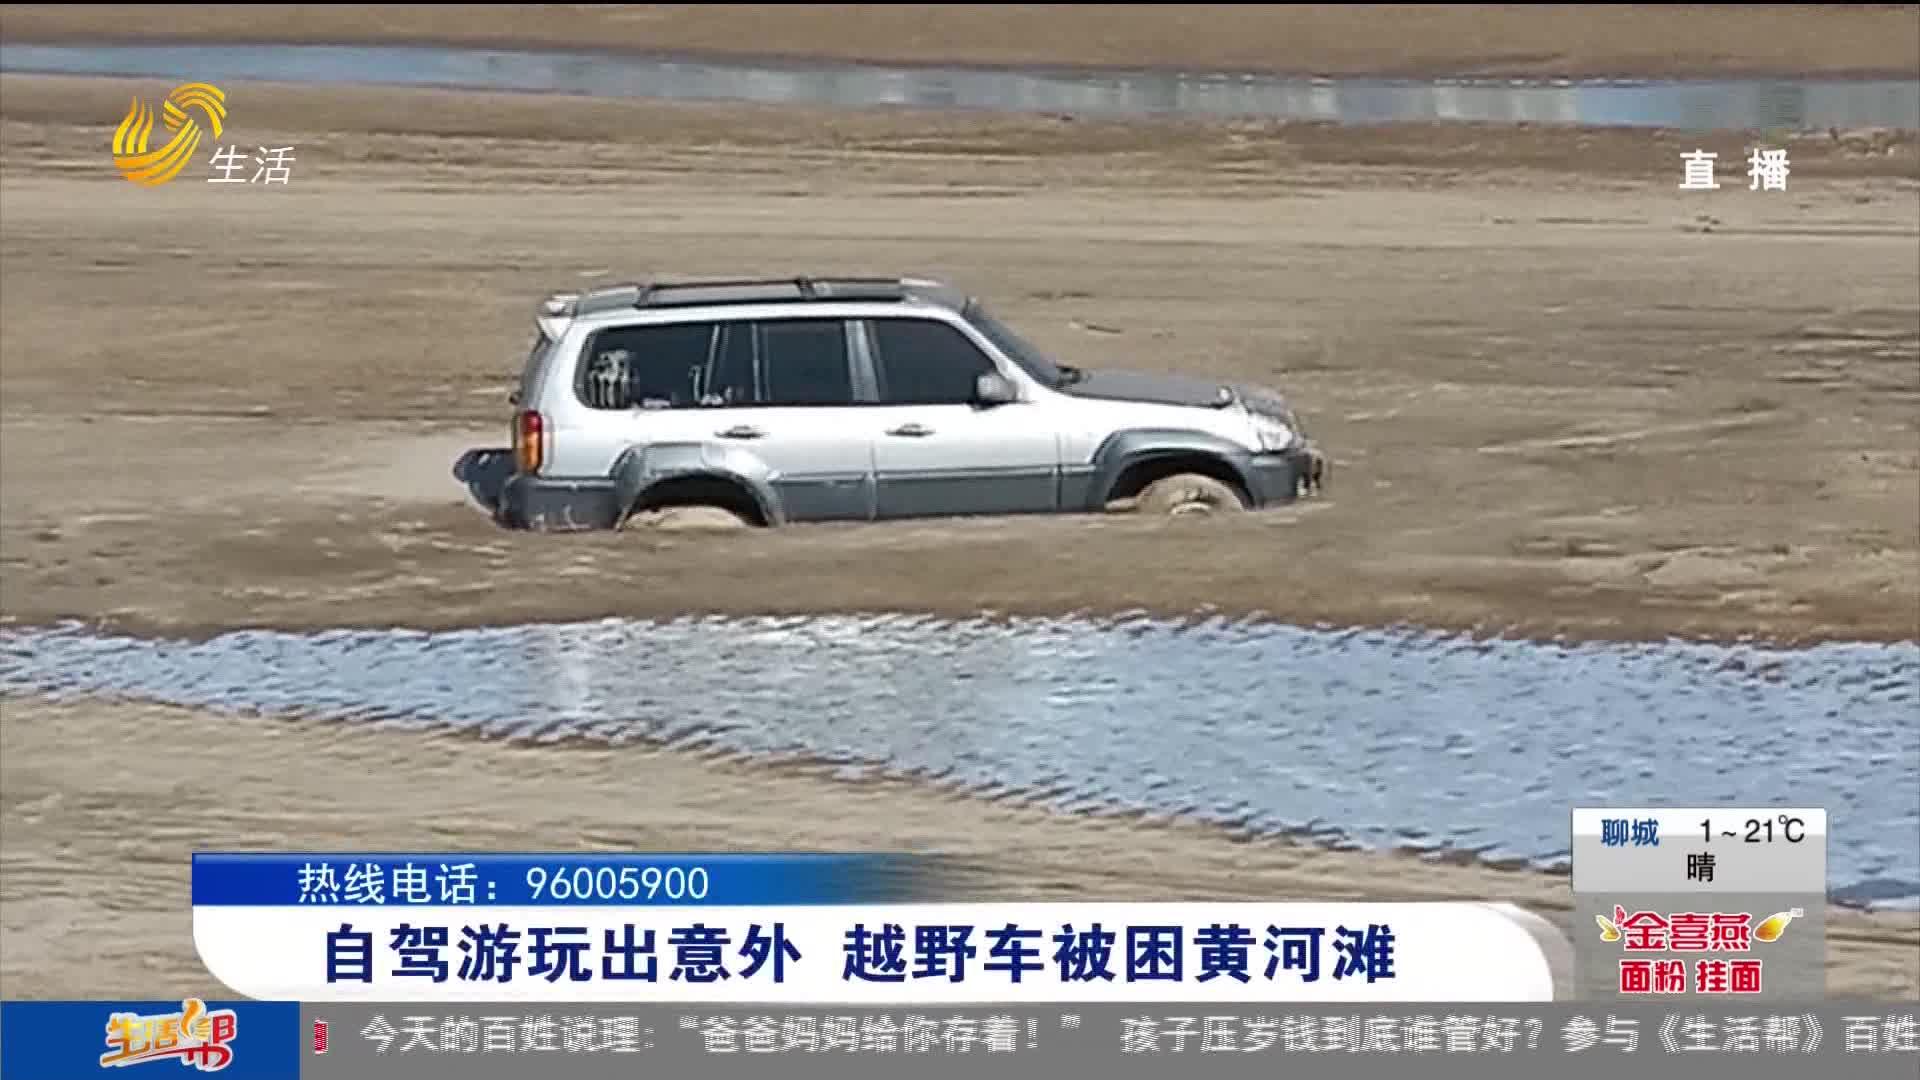 自驾游玩出意外 越野车被困黄河滩